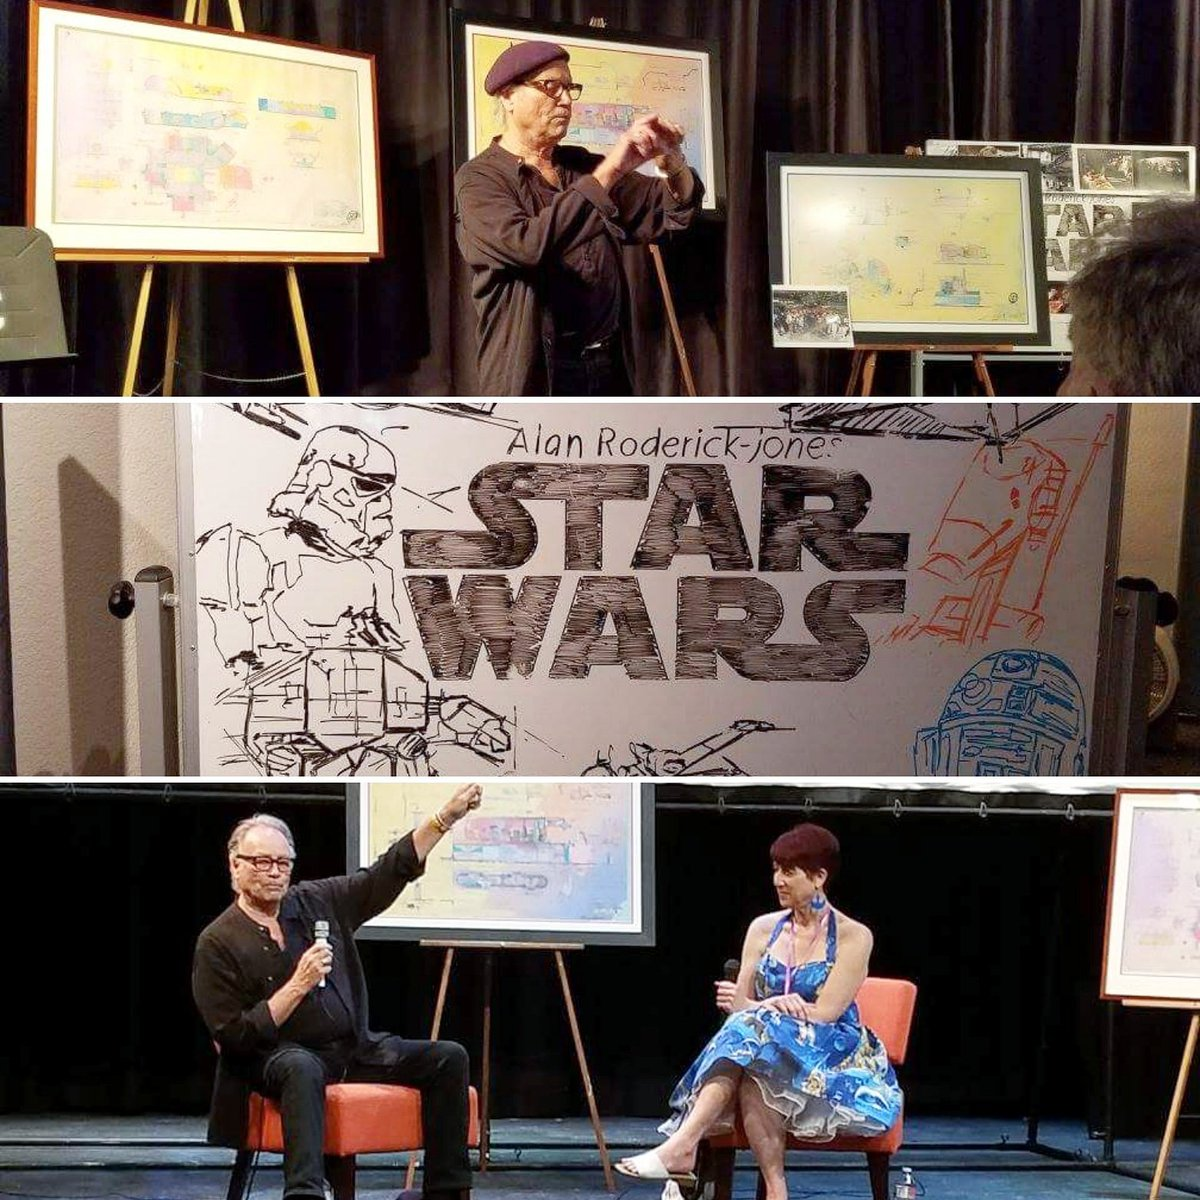 Today&#39;s Event. #StarWars #SetDesigner Workshop @OsideFilm with #AlanRoderickJones  (#OceansideFilmFestival)<br>http://pic.twitter.com/ViEYPXgEmC